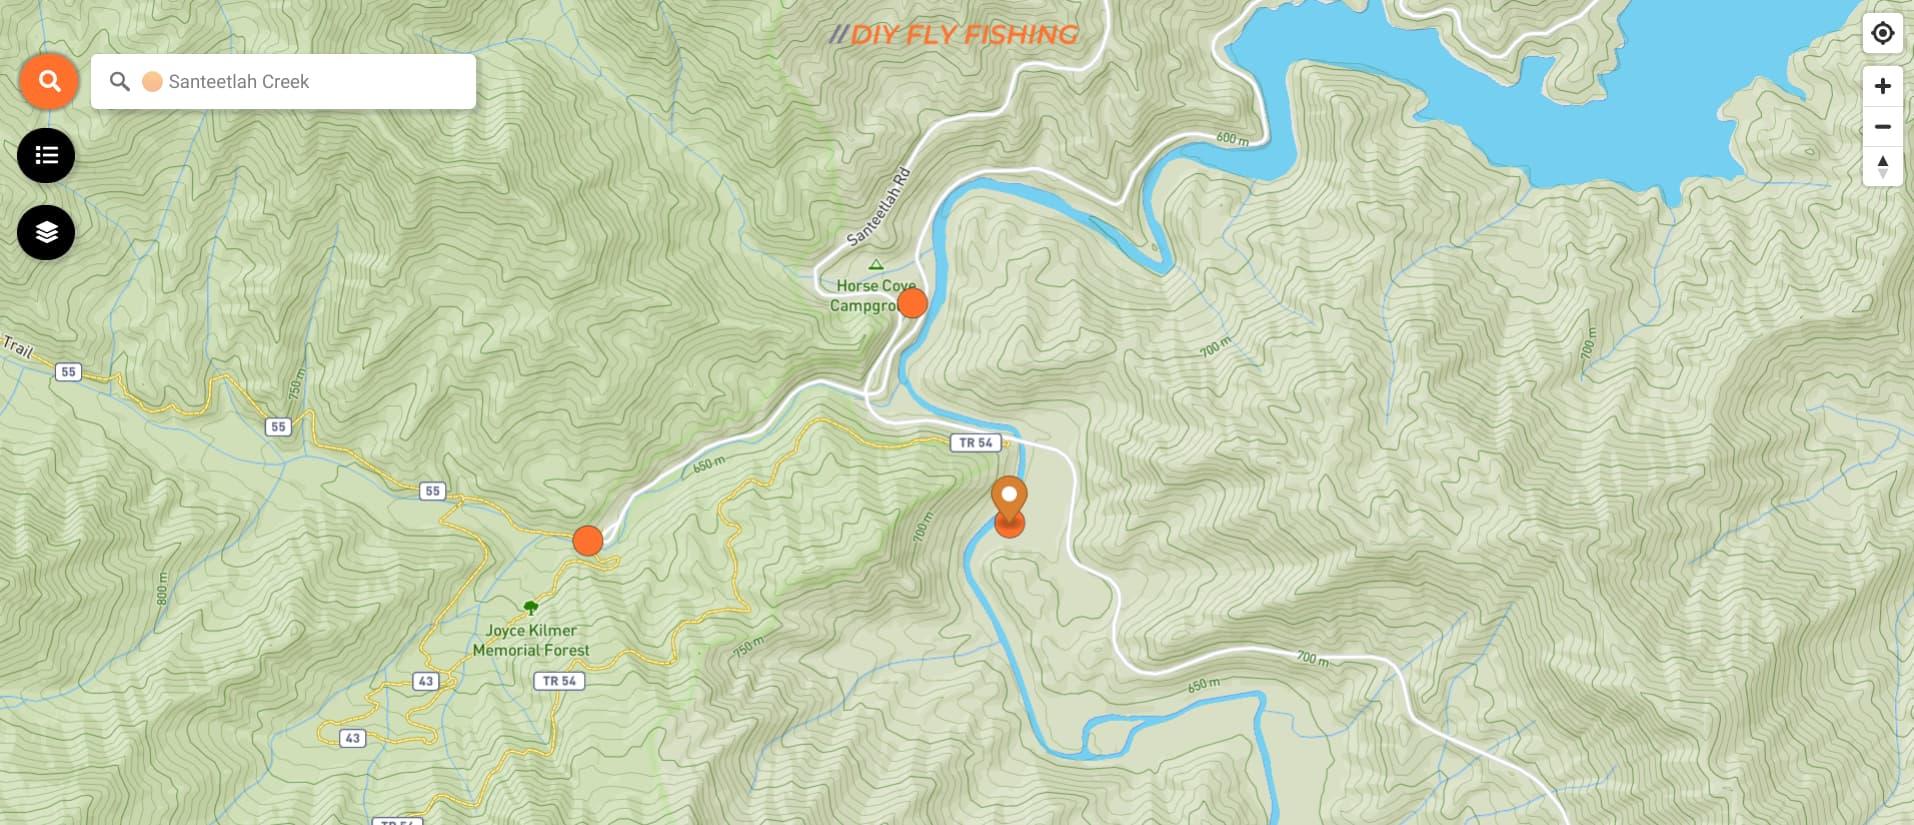 Map of Santeetlah Creek in North Carolina